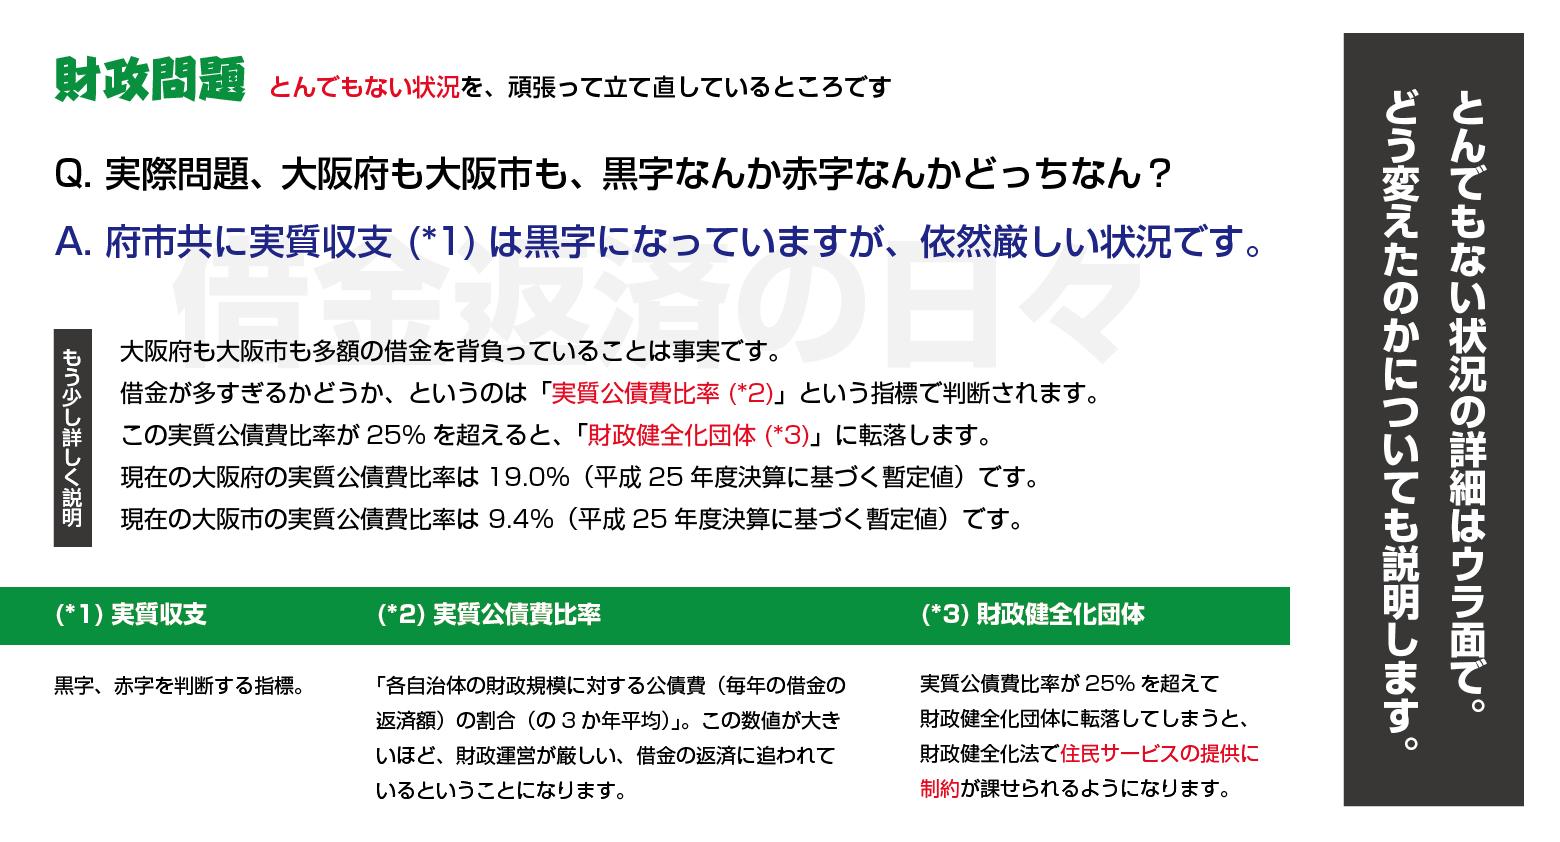 スクリーンショット 2014-09-29 13.44.33